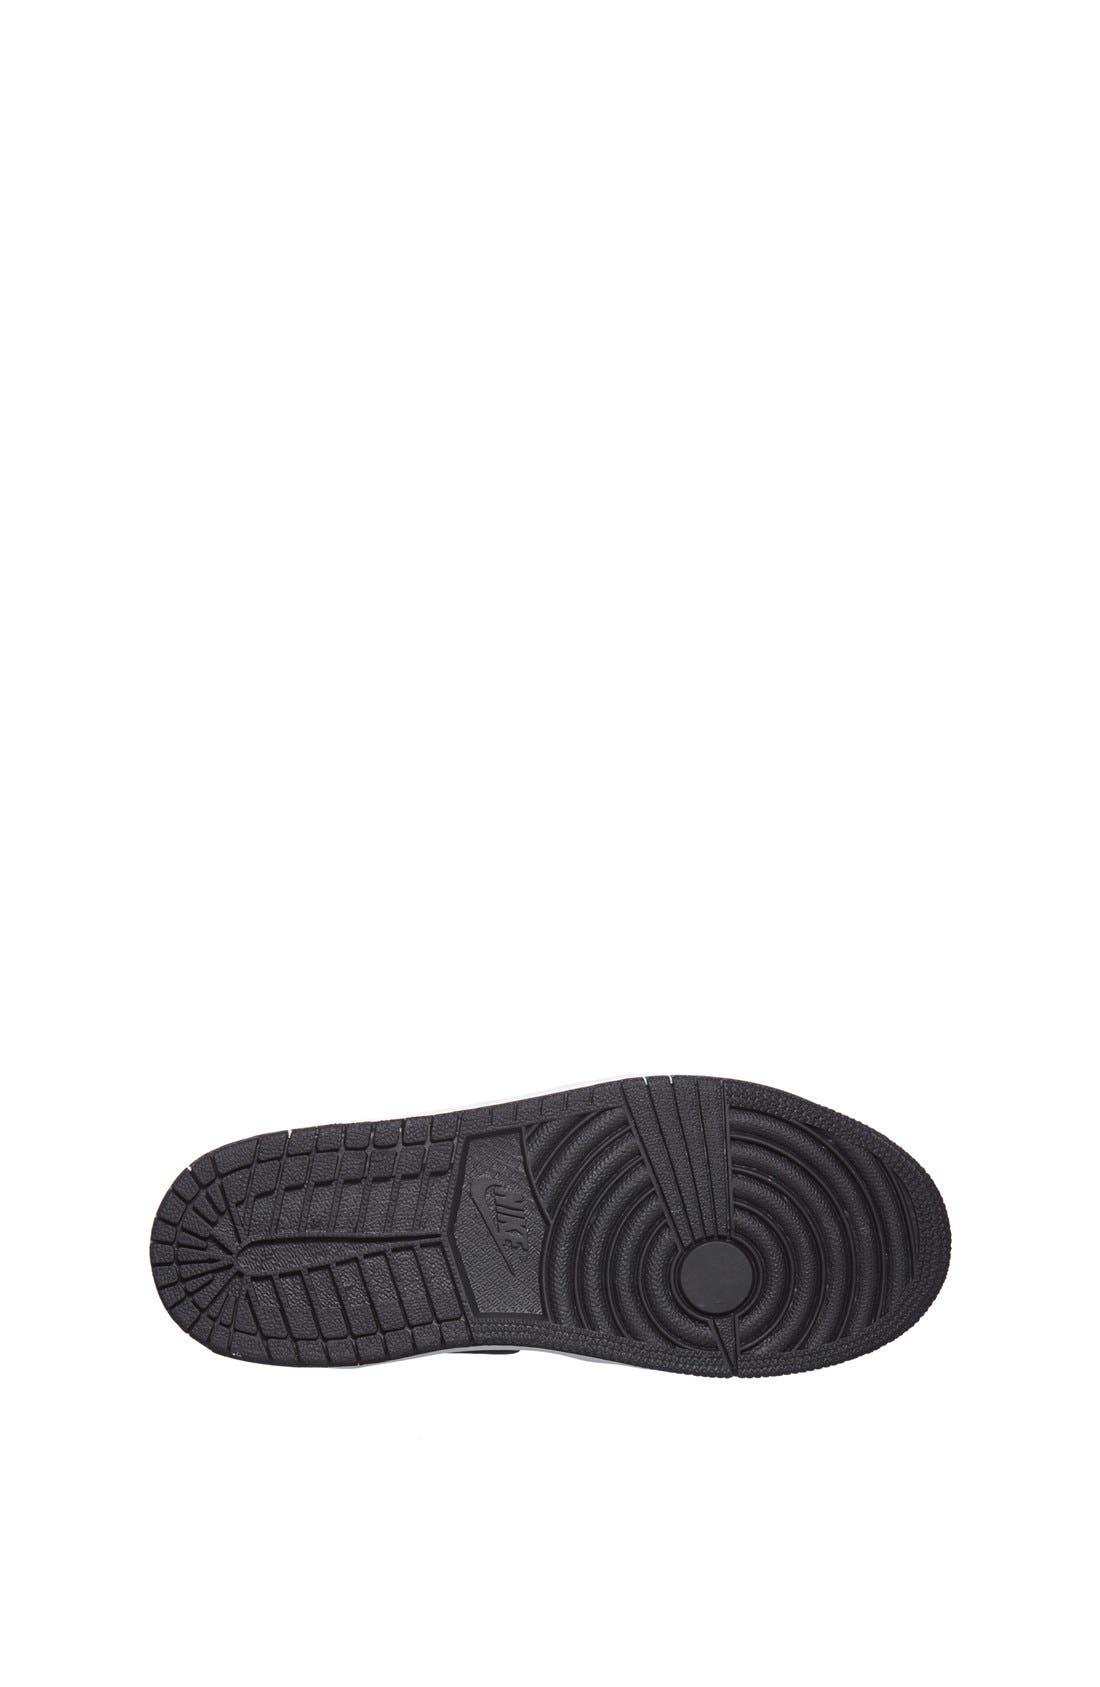 'Air Jordan 1 Mid' Sneaker,                             Alternate thumbnail 3, color,                             019